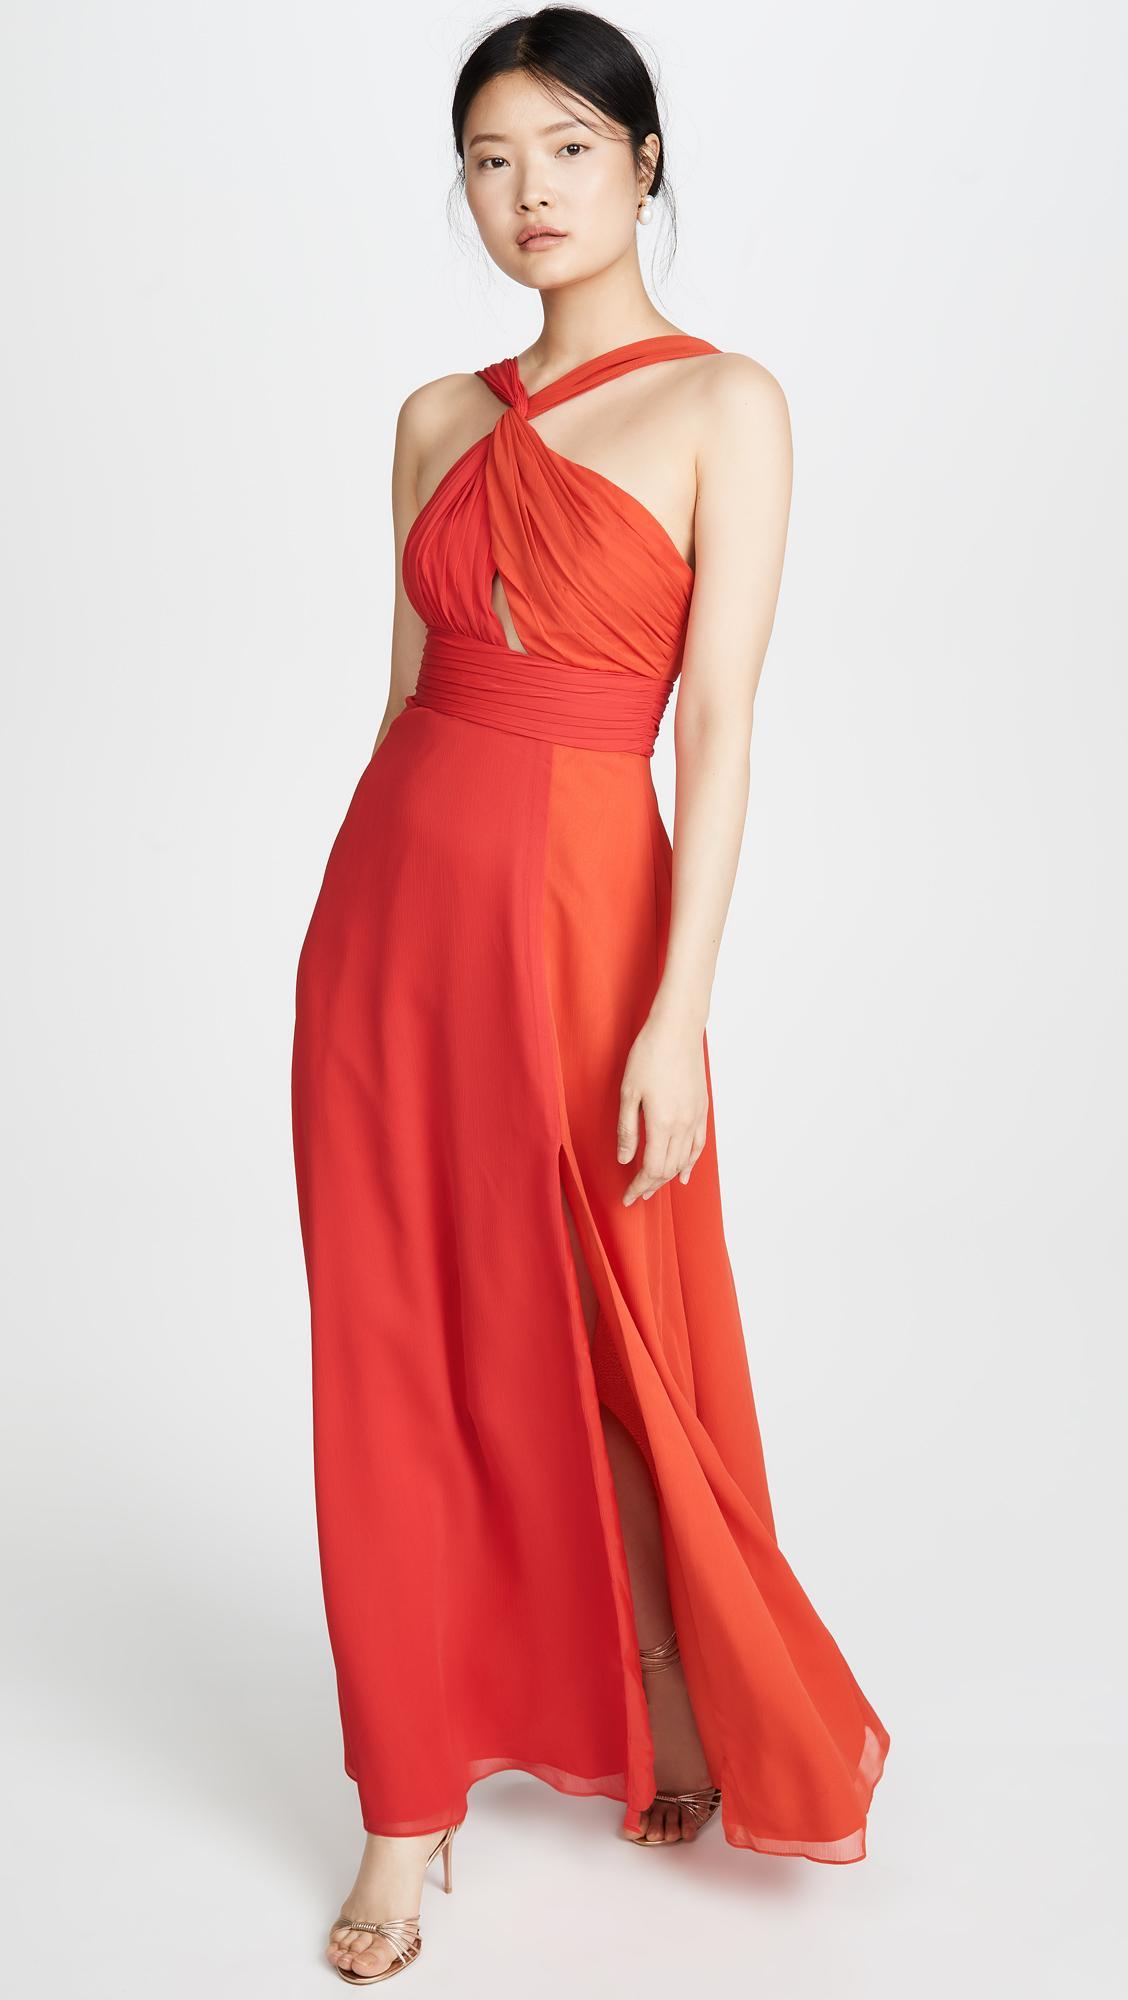 b0736df1 JILL Jill Stuart Asymmetrical Colorblock Gown in Red - Lyst